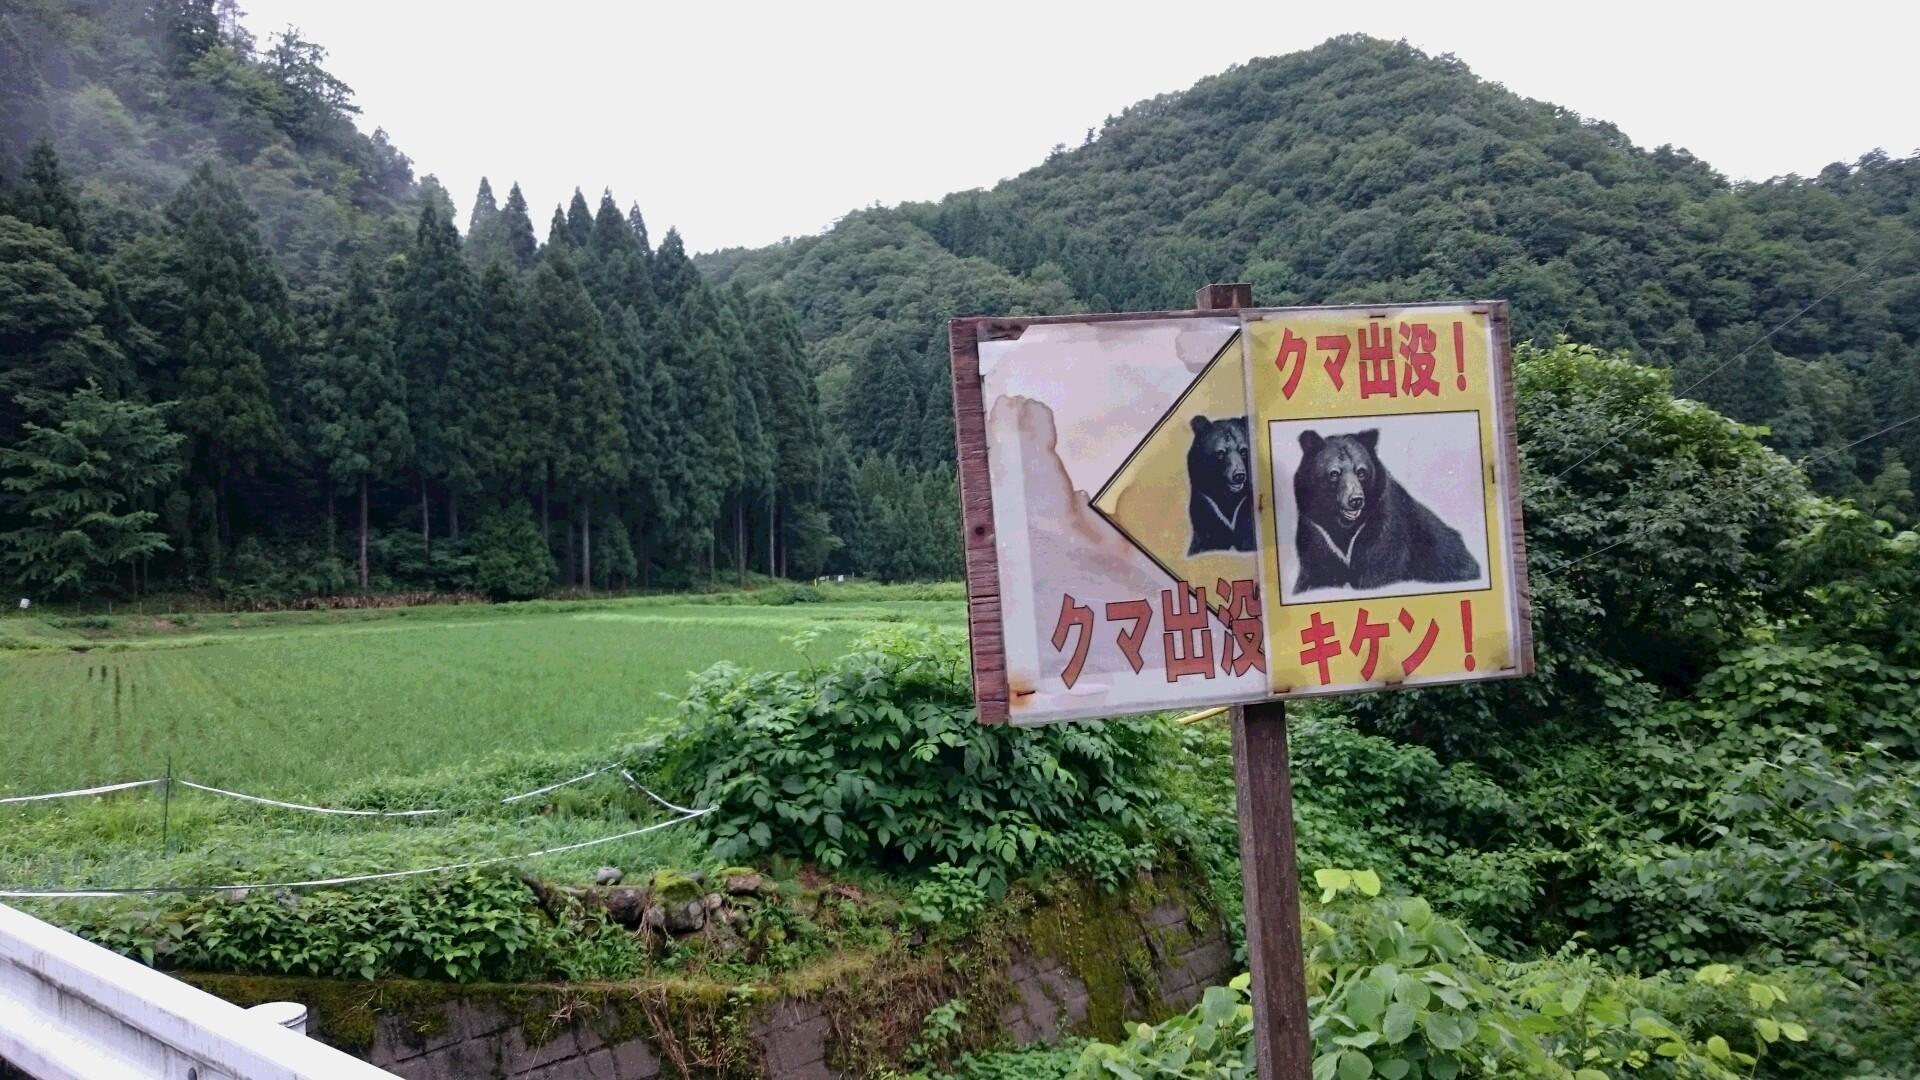 moblog_d74fa0a7.jpg